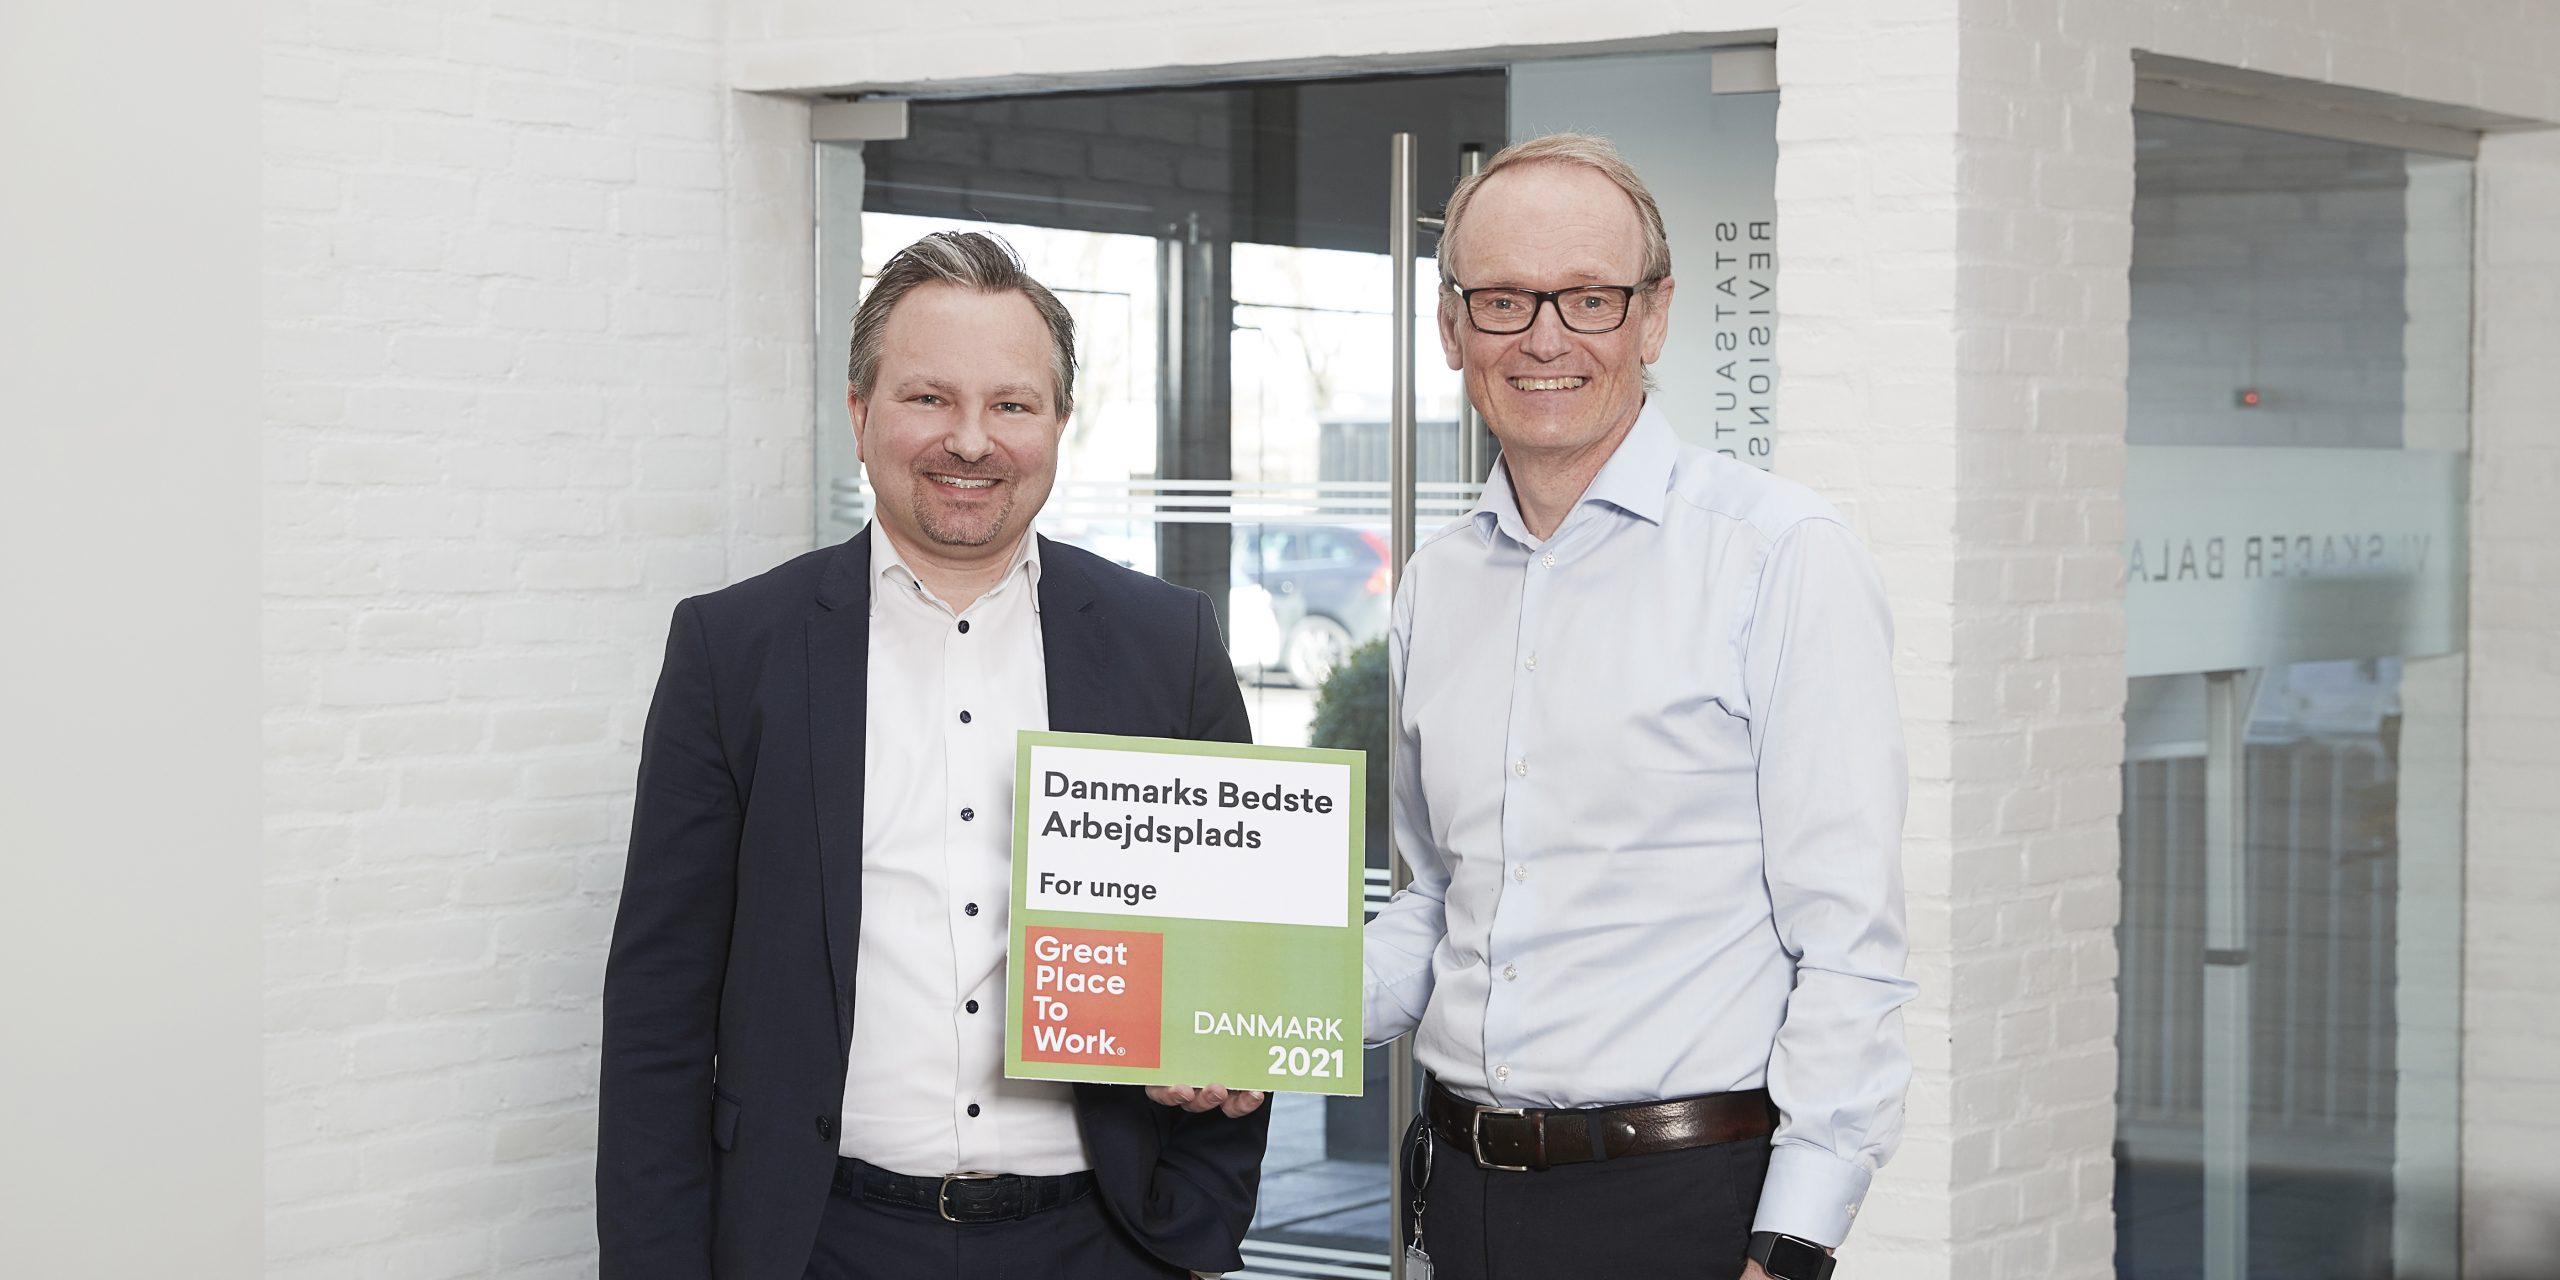 Landets bedste arbejdspladser kåret: Aalborg-firmaer hiver flotte førstepladser hjem